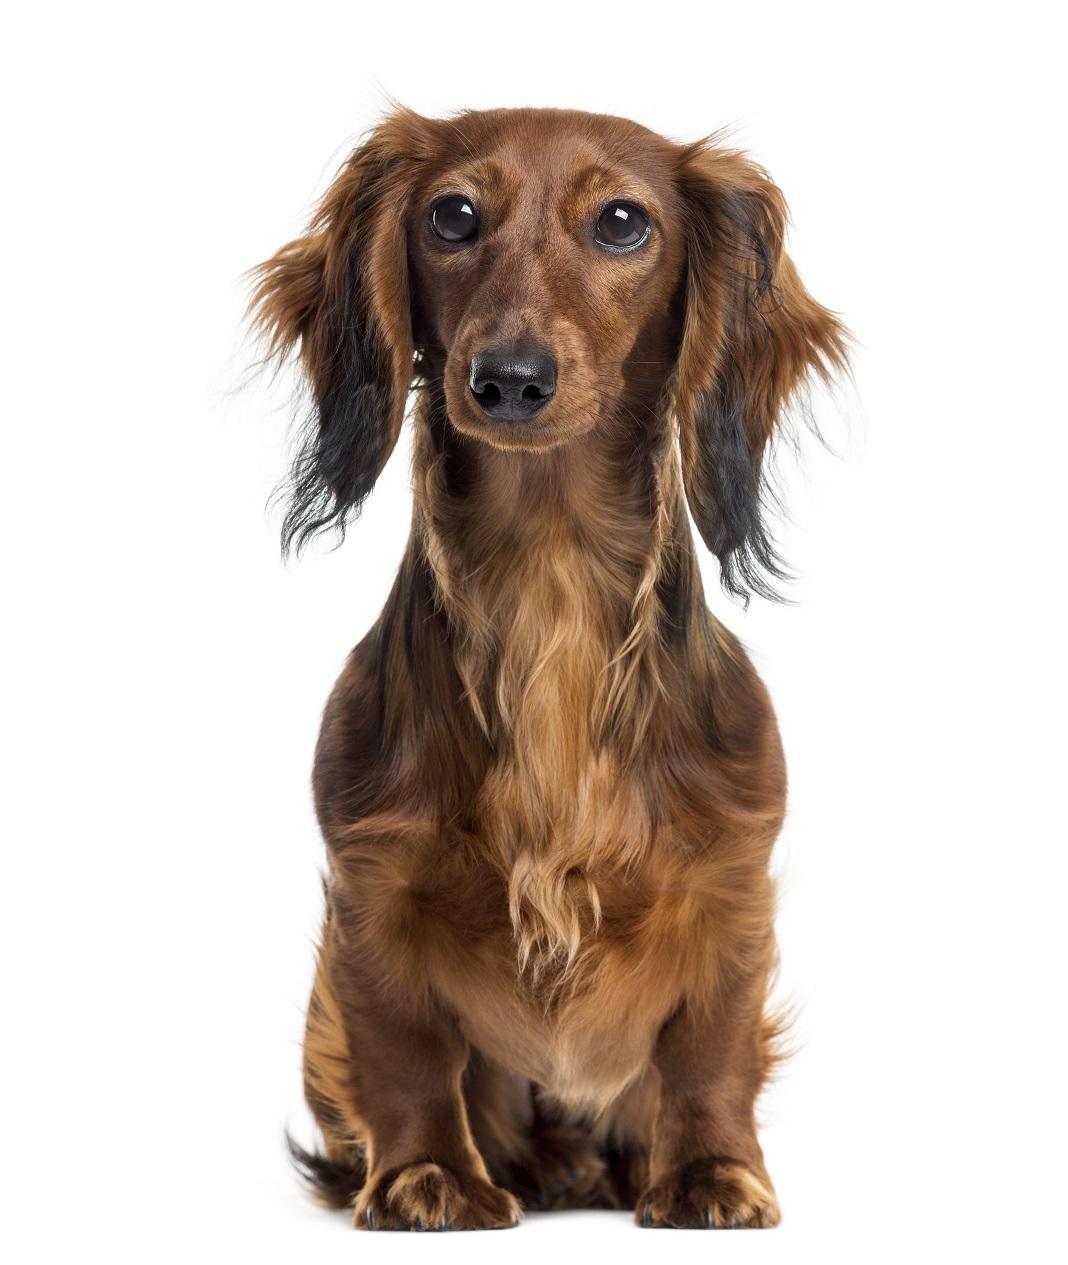 Lire la suite: Mon chien traine son derrière par terre : le signe du traineau